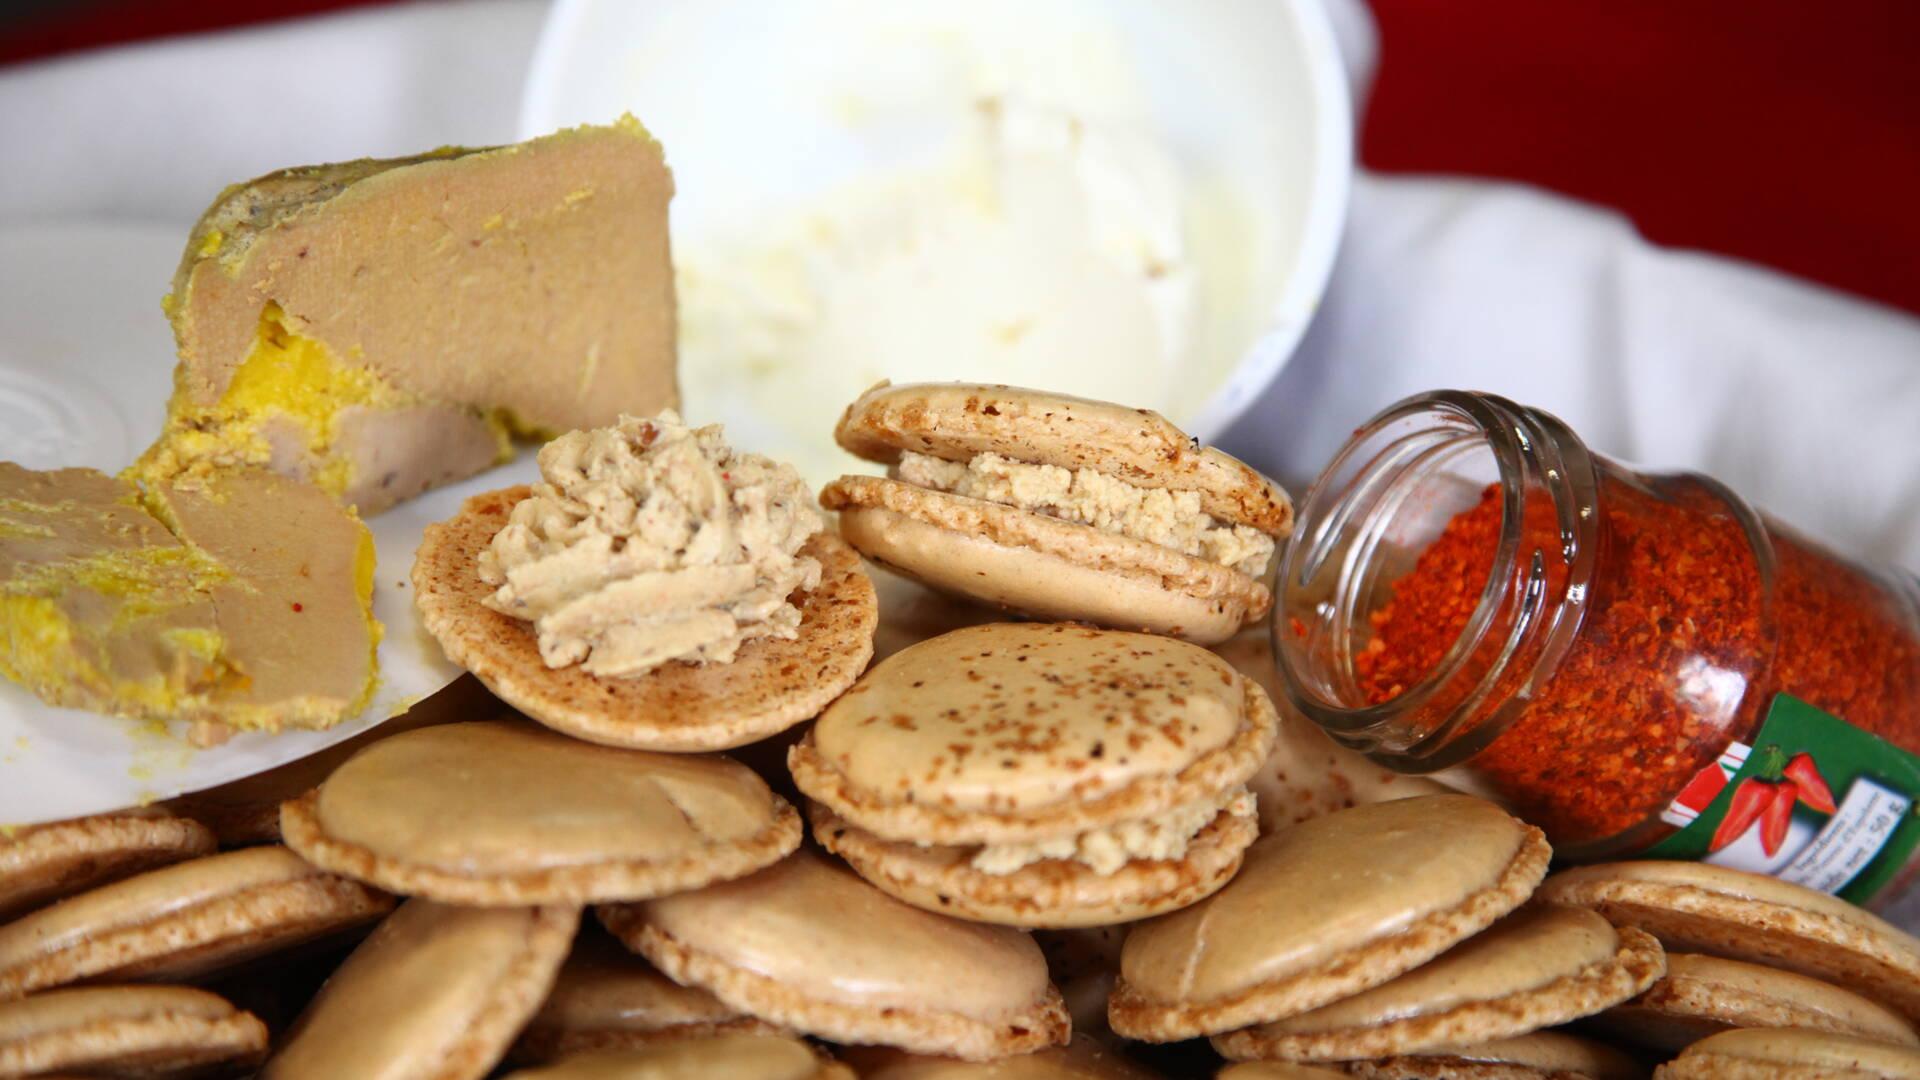 Le macaron au foie gras et piment d'espelette